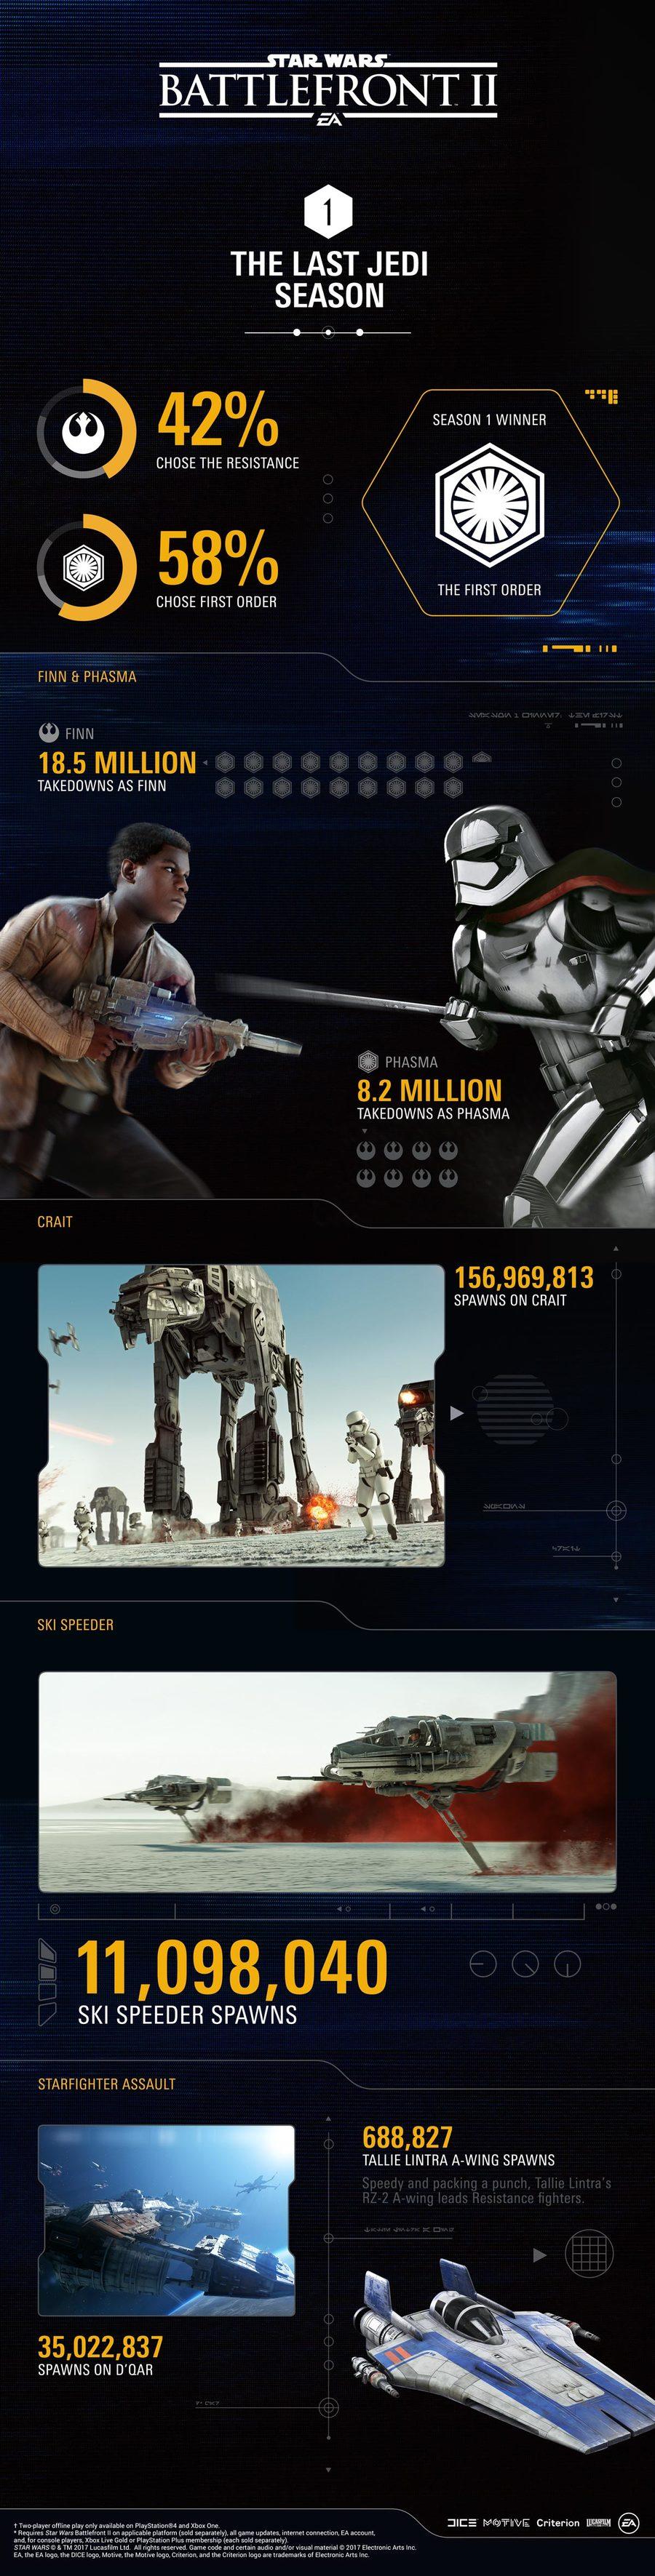 Star Wars Battlefront I, II, III: Инфографика Star Wars Battlefront 2 - 1 сезон, новые обновления на подходе